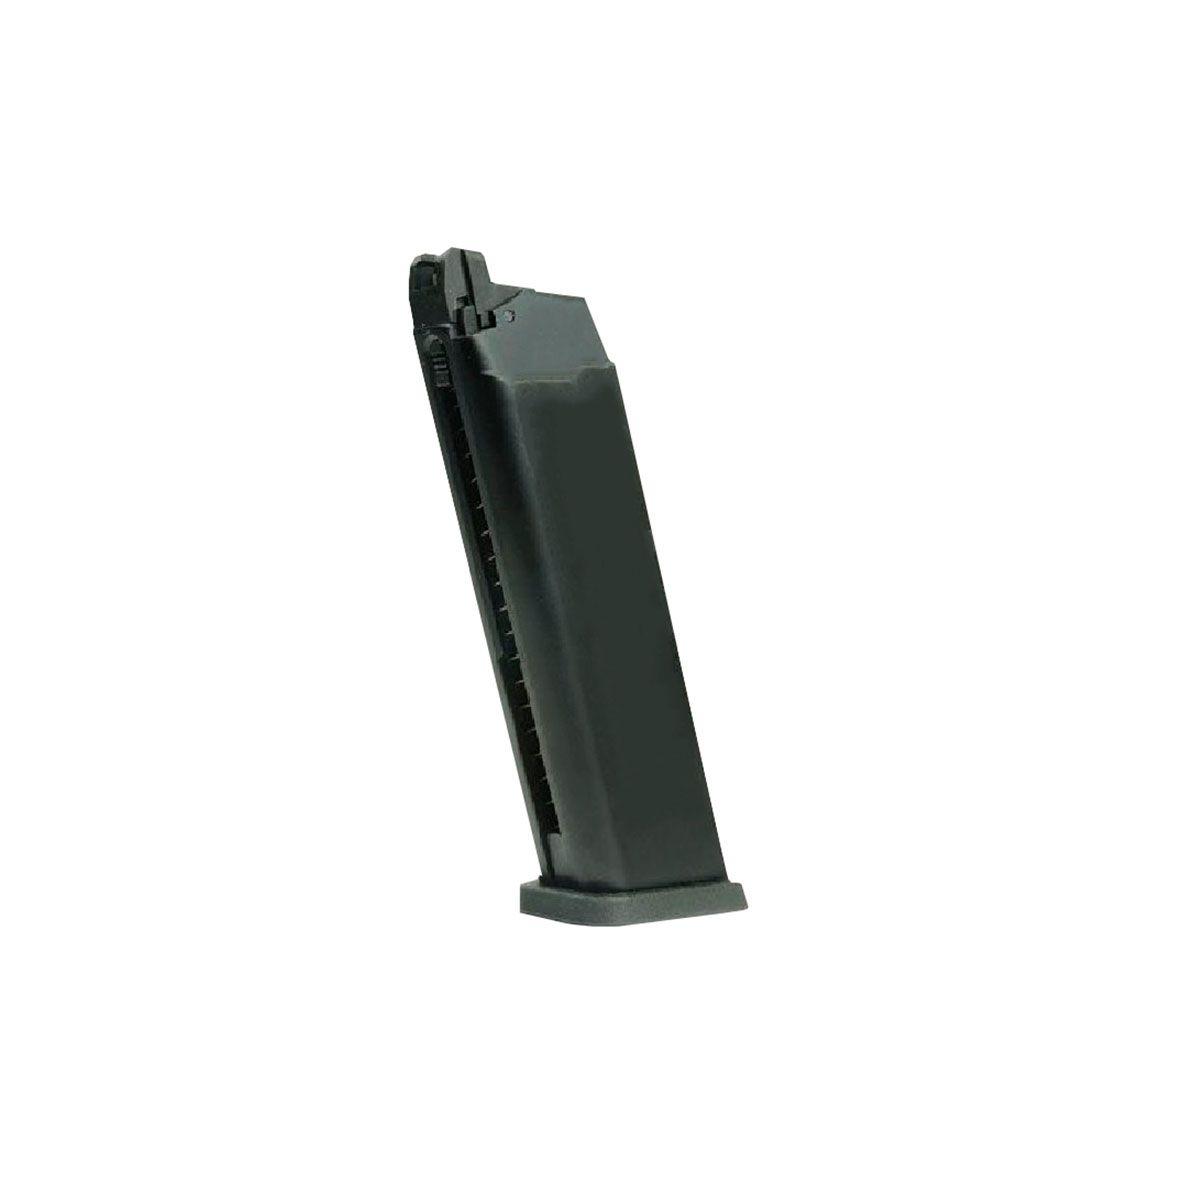 Carregador para WE G17/18 Green Gas 25 BBs 6mm